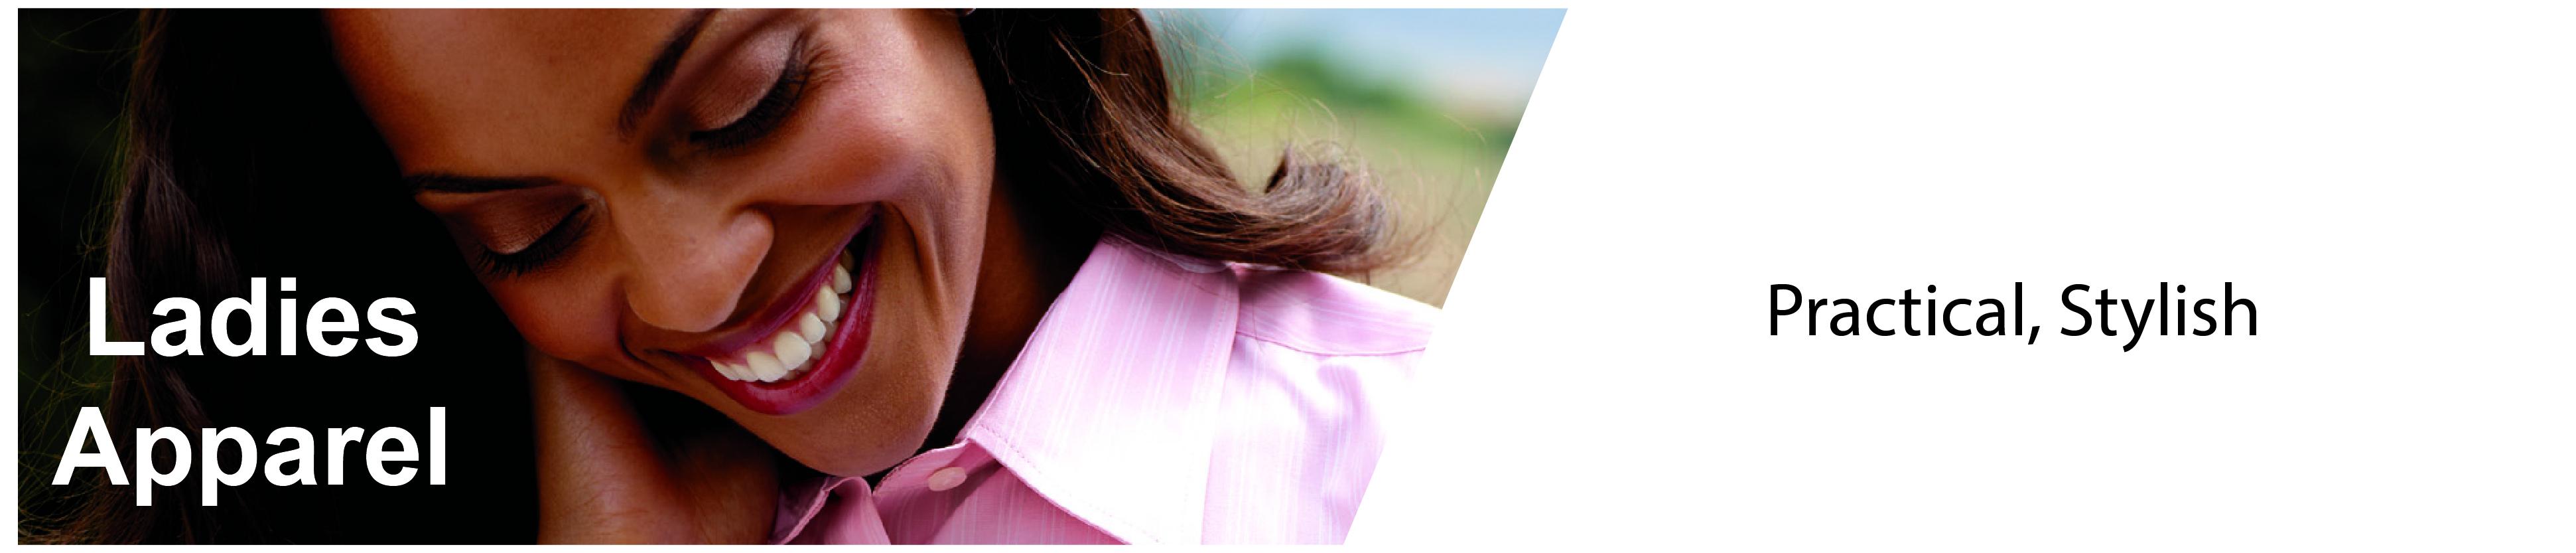 ladies-apparel-banner-01.jpg